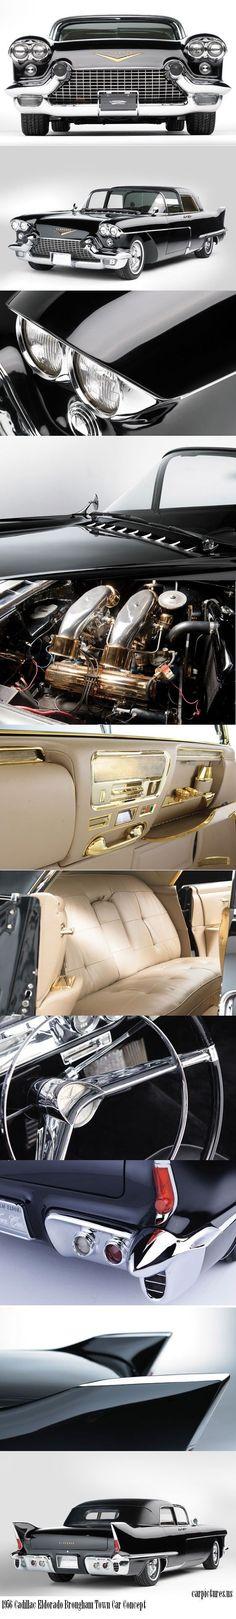 1956 Cadillac Eldorado Brougham Town Car Concept: